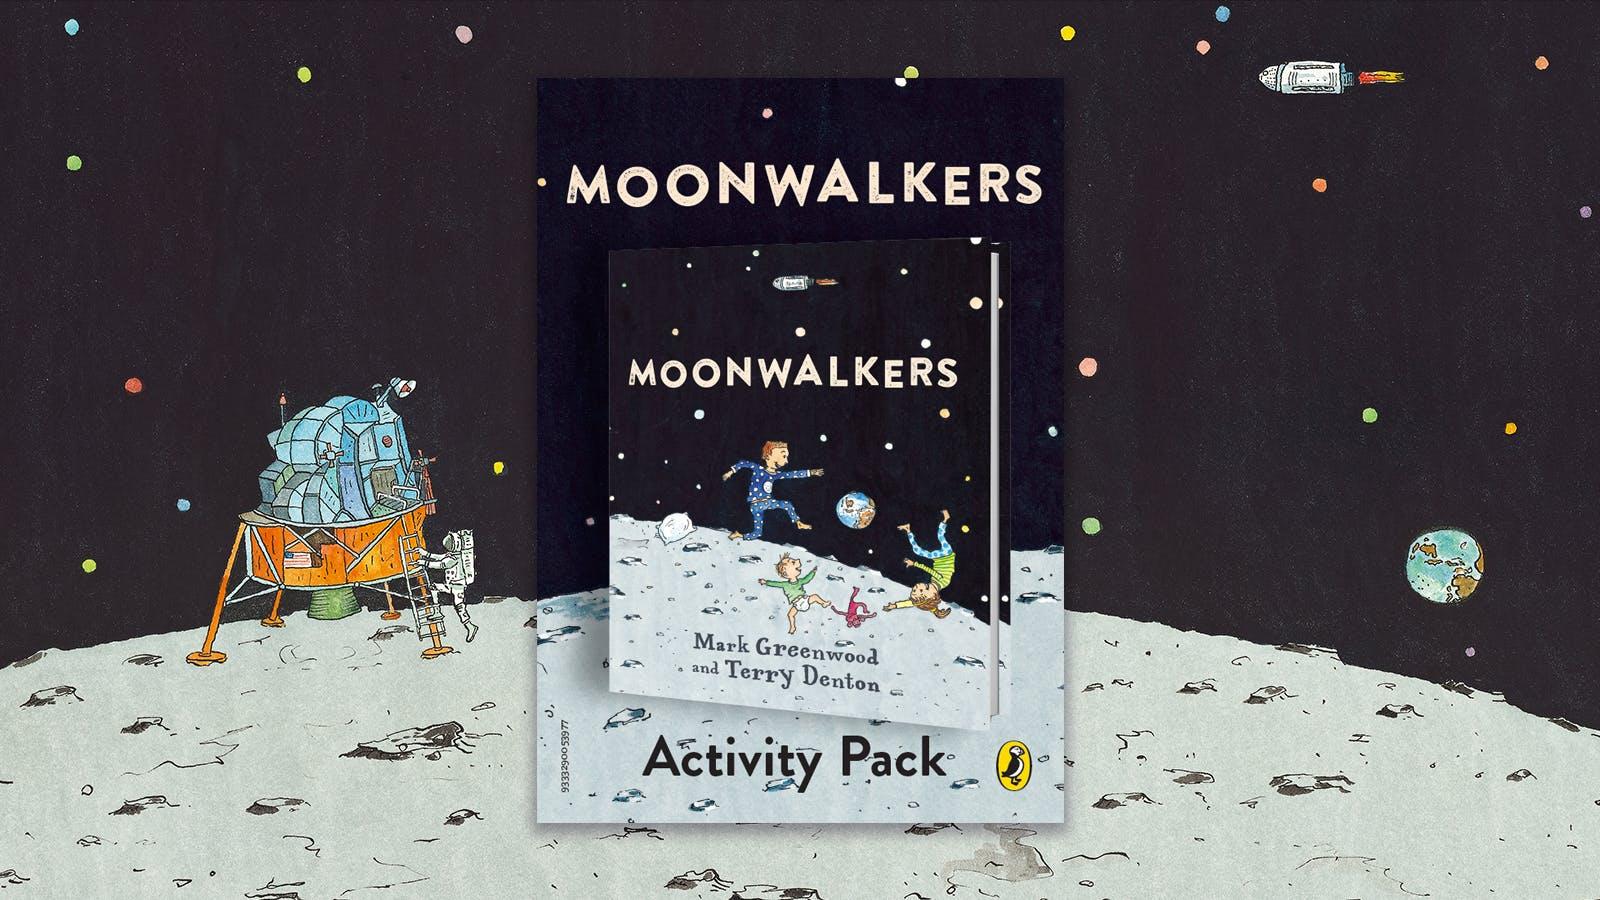 Moonwalkers activity pack